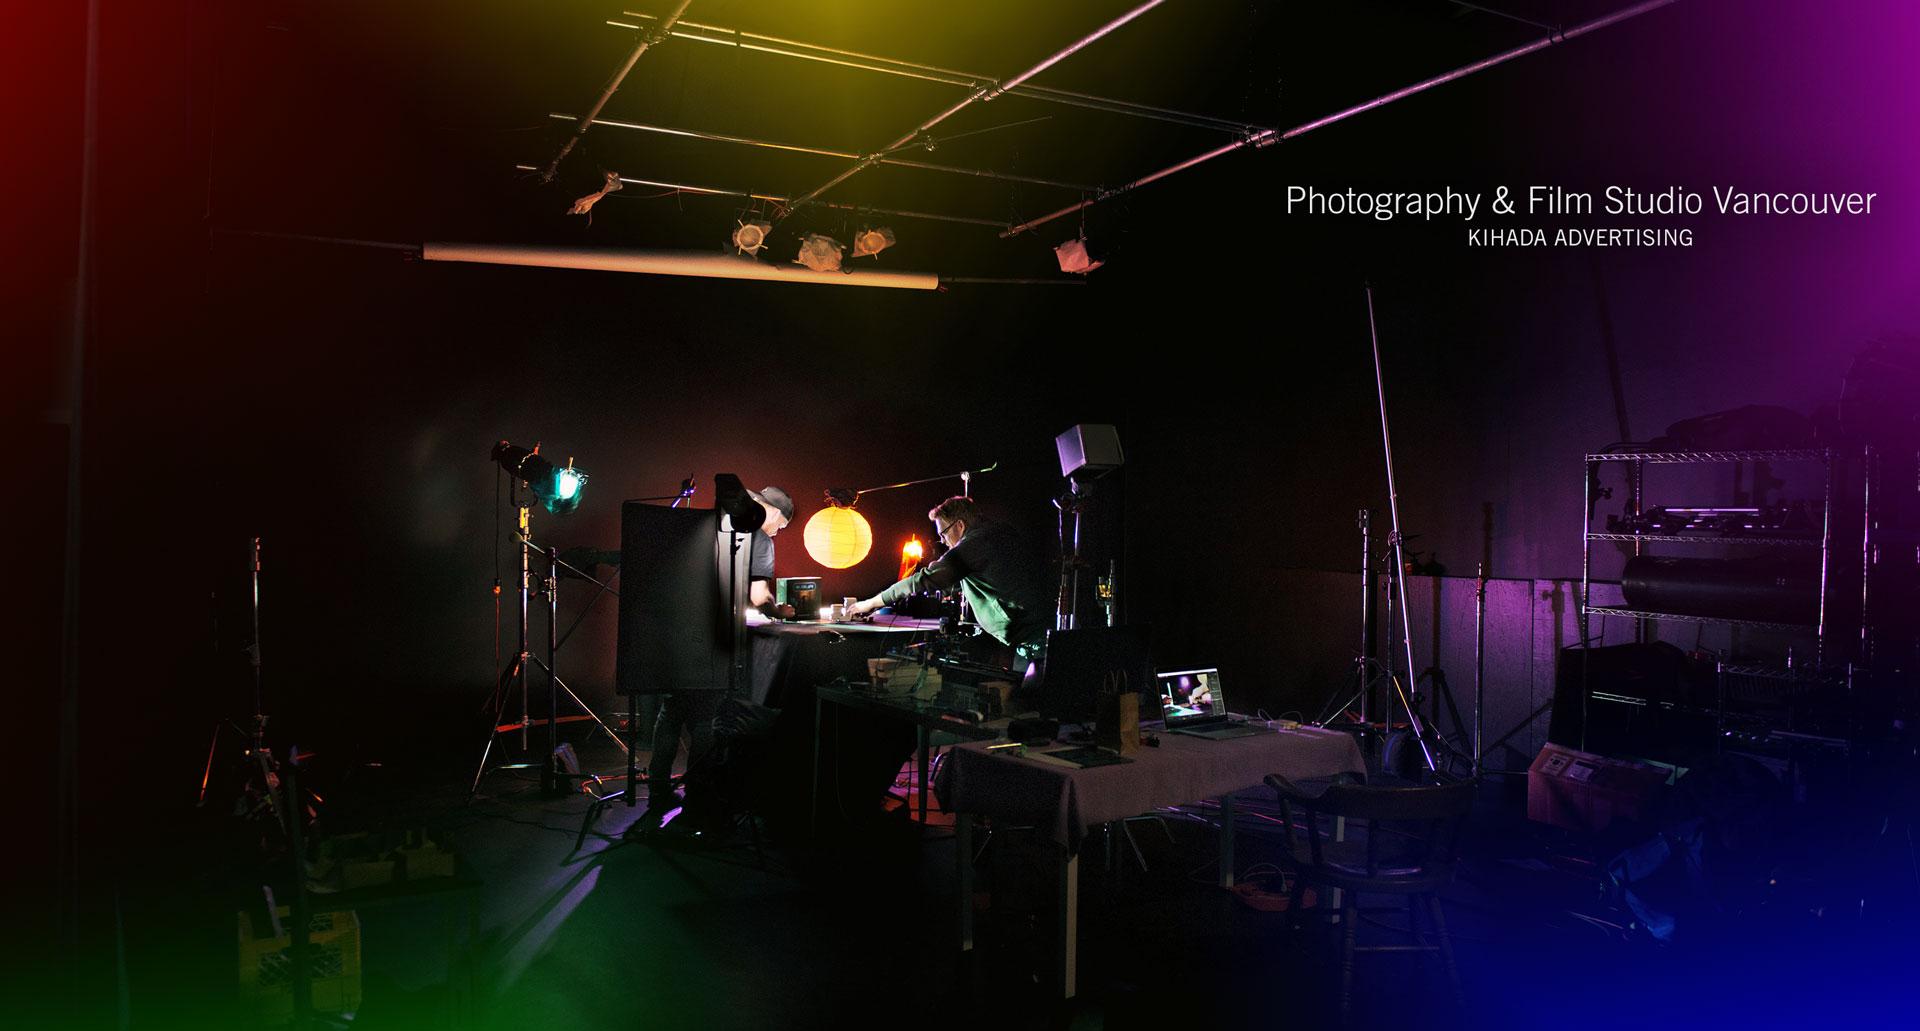 Photography & Film Studio Vancouver